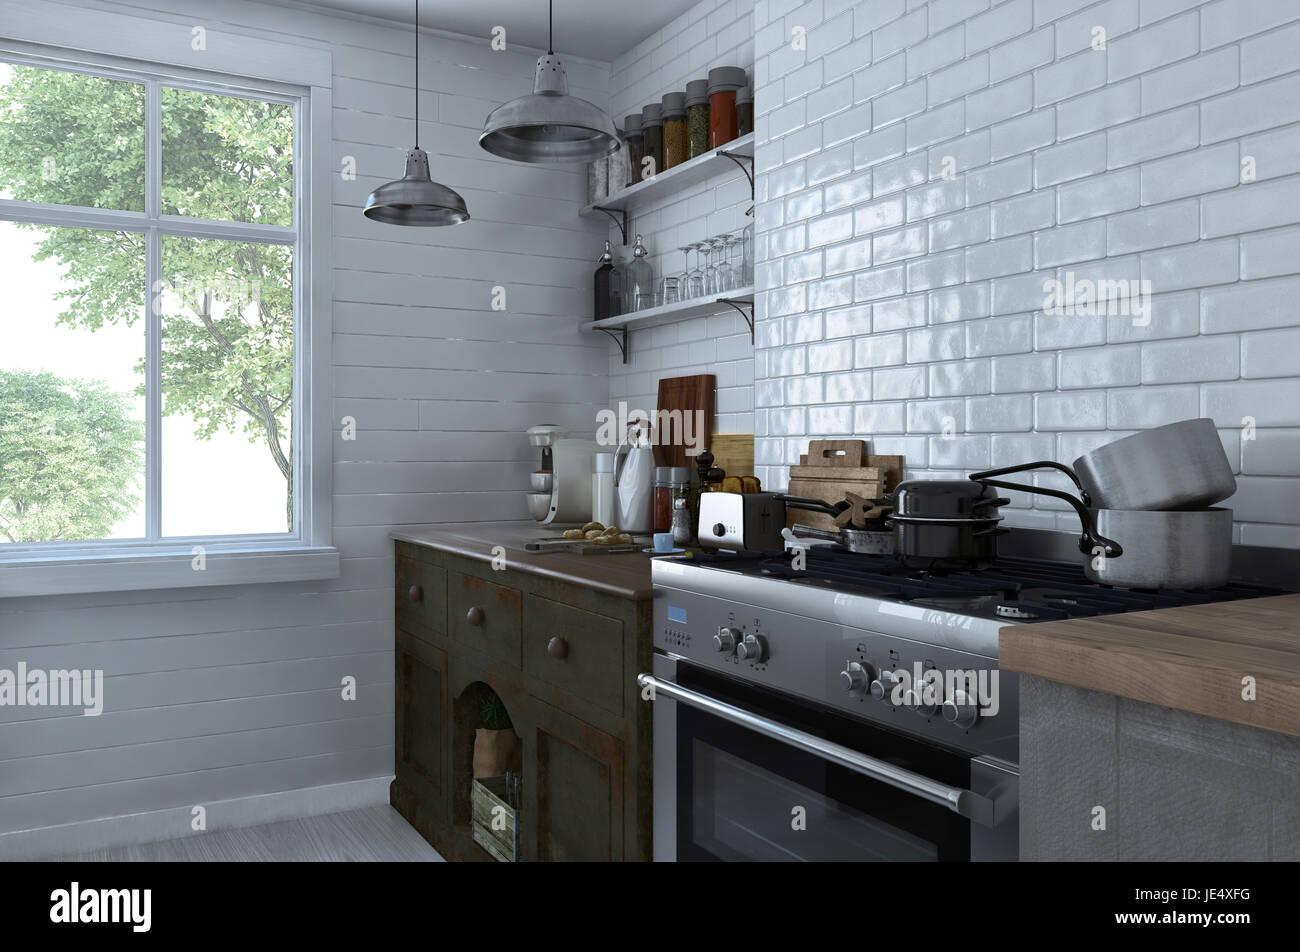 Kleine kompakte Küche Interieur mit Herd und Schränke mit sortierten ...